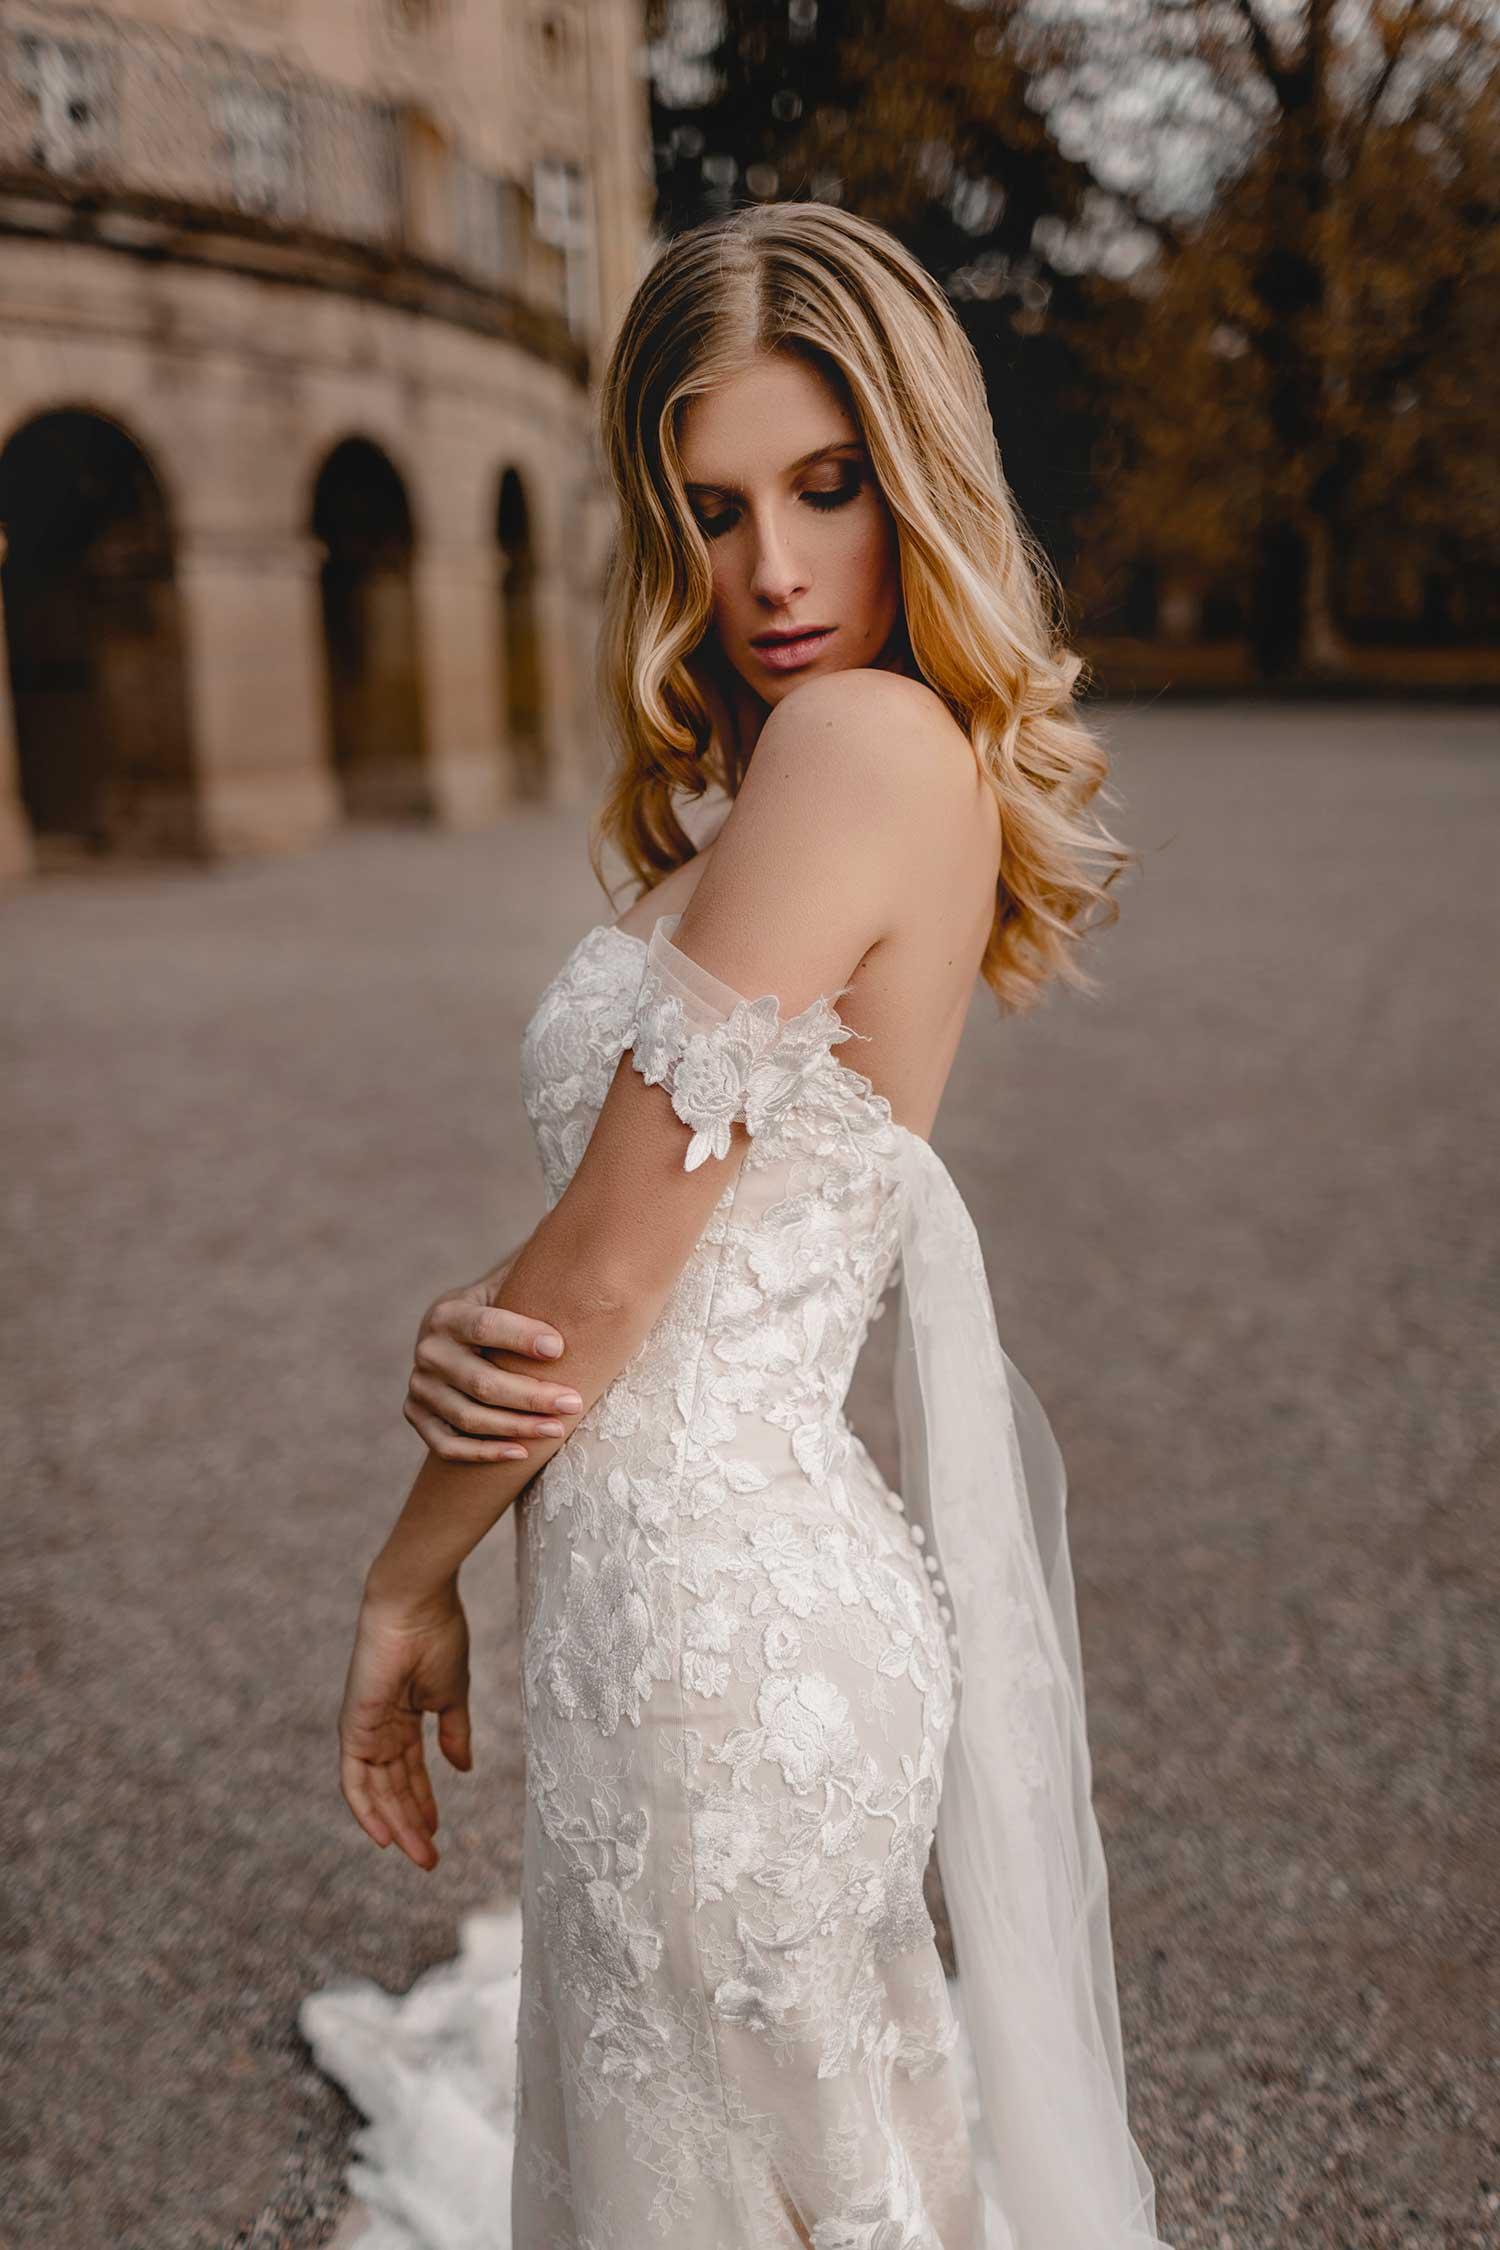 Blonde model posing in Monrepos Palace